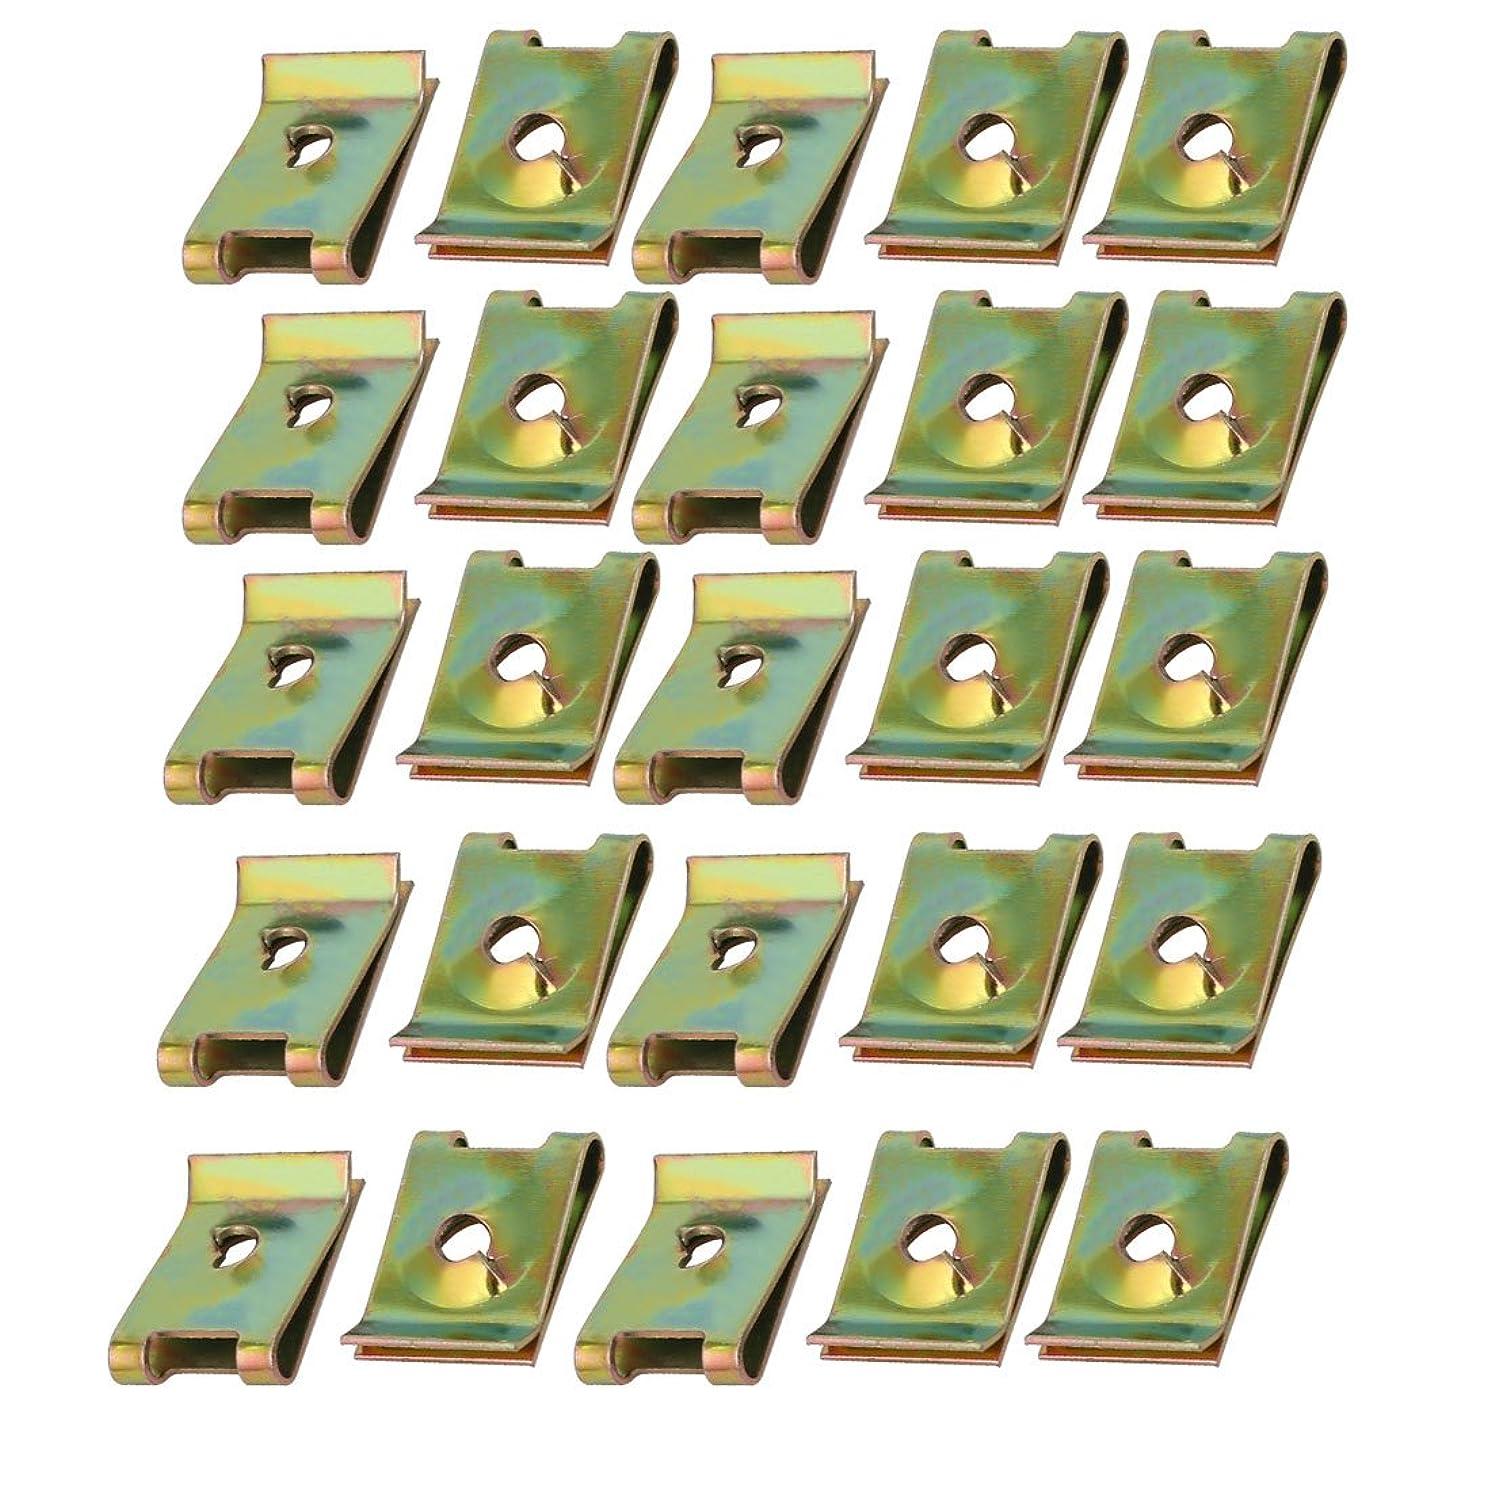 ありふれたミキサーパックuxcell Uクリップ Uナット スピードファスナー スプリングスチール M4 / ST4.0ねじボルト用 25個入り